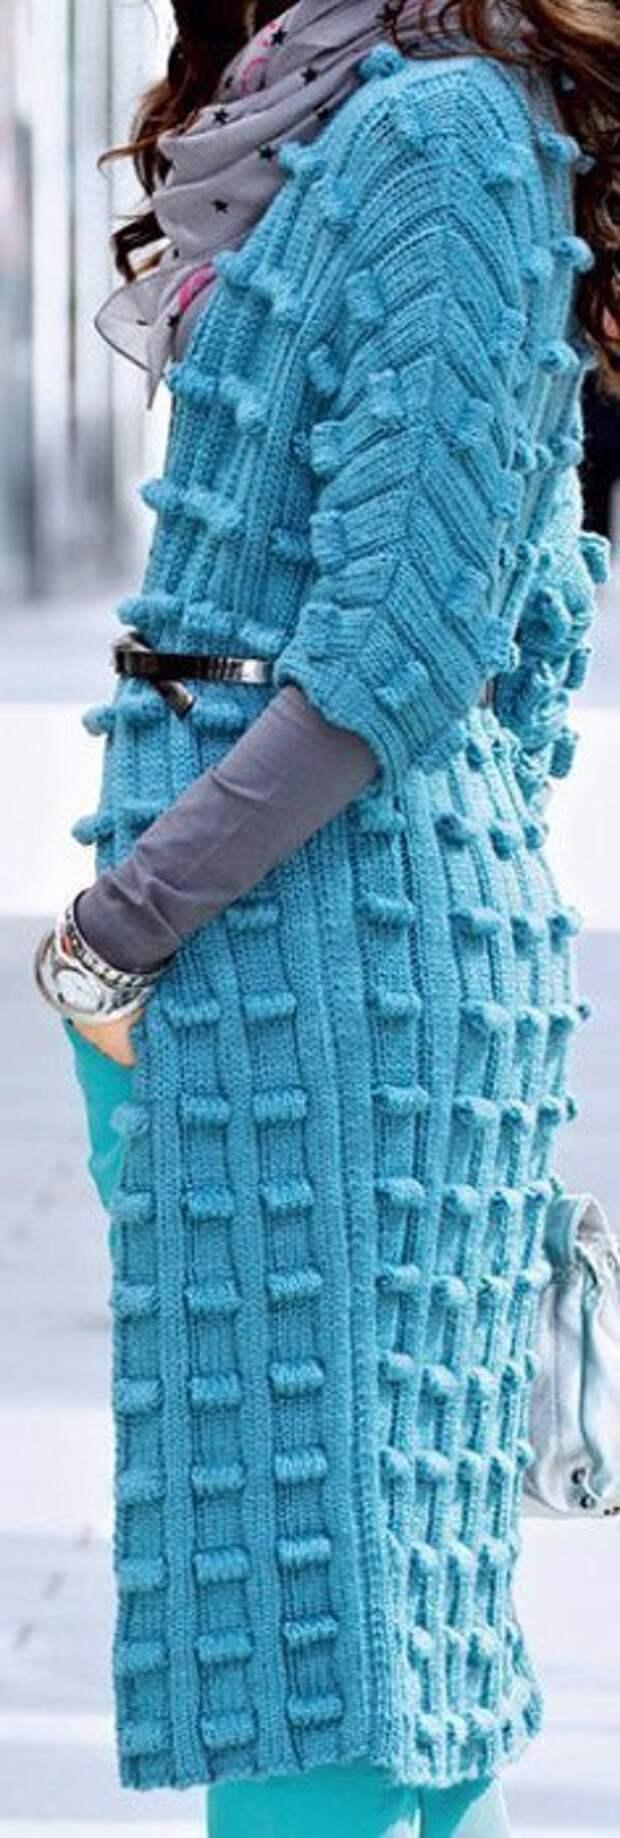 Схема и описание вязания оригинального пальто